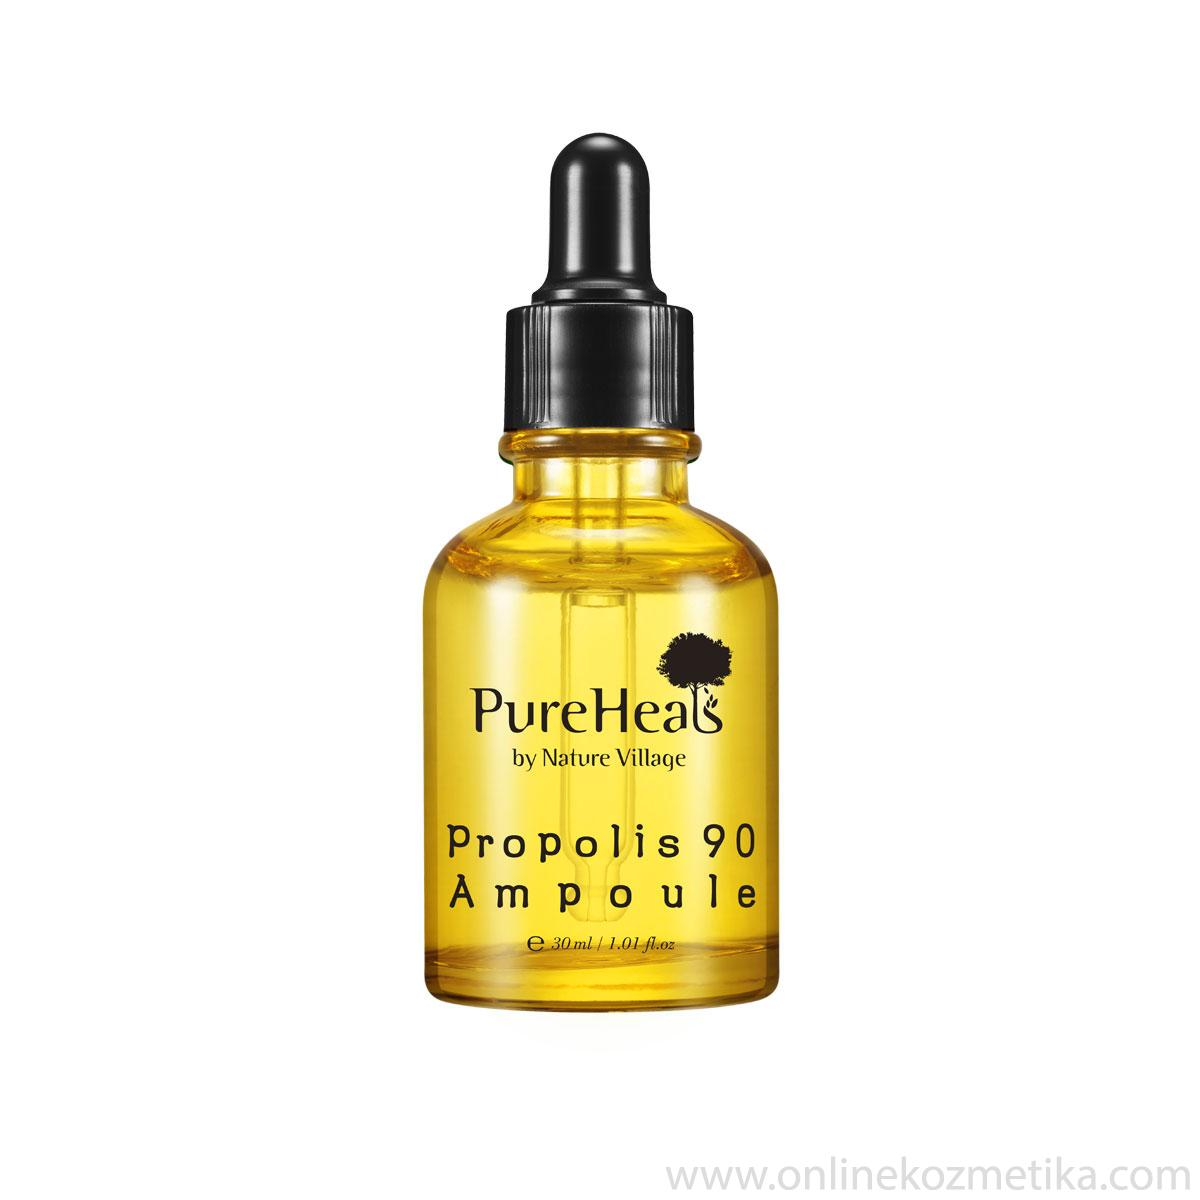 Pureheals Propolis 90 Ampoule 30ml